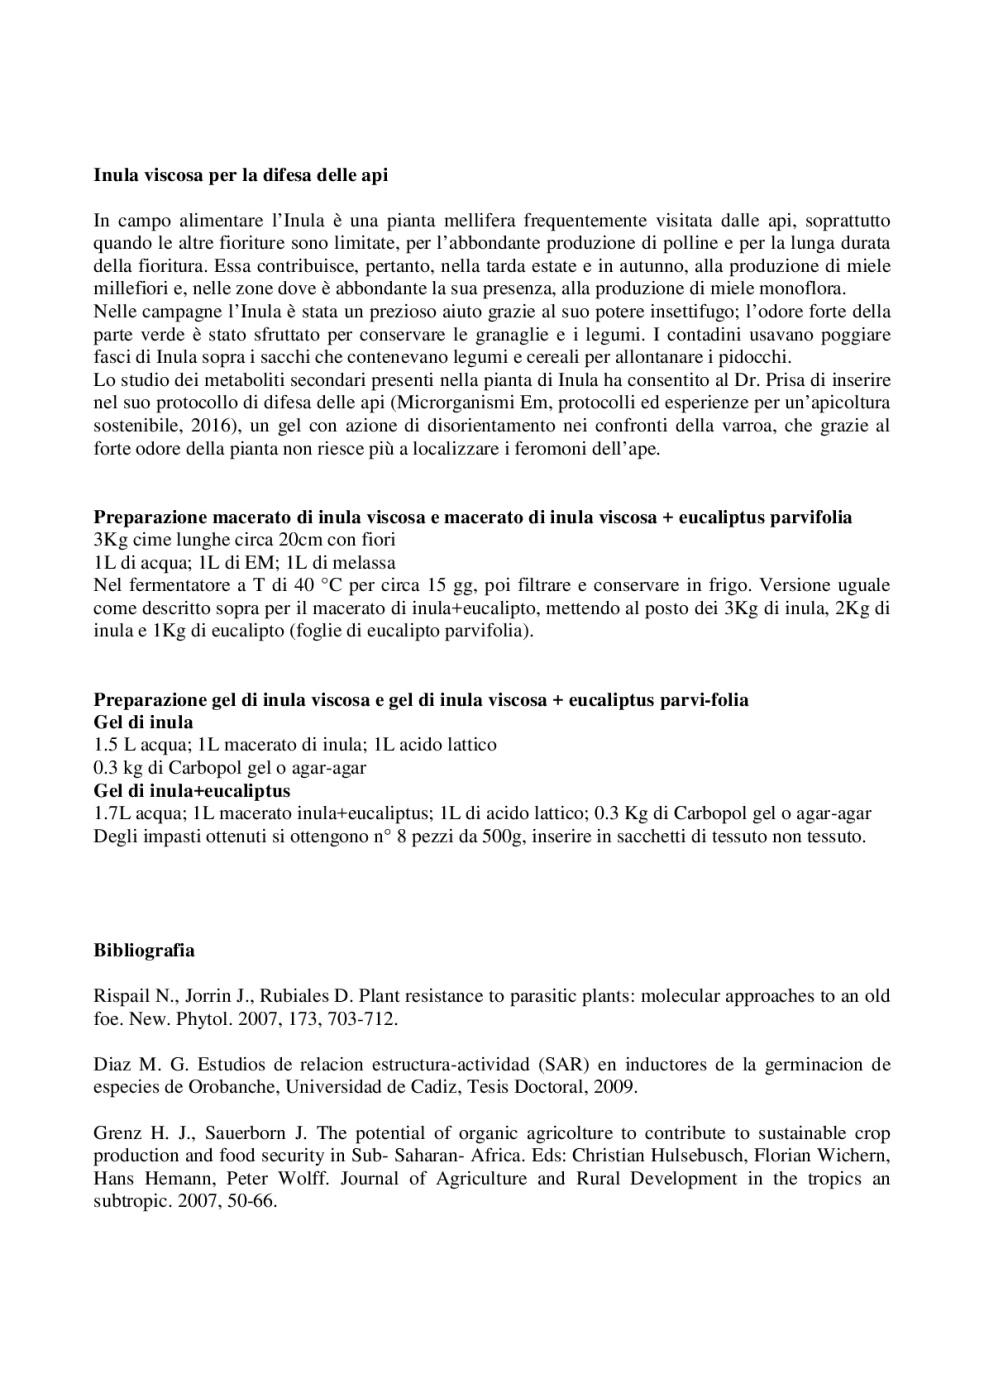 Inula-Viscosa_-controllo-della-mosca-dell'olivo-e-protezione-delle-api-da-varroa-004